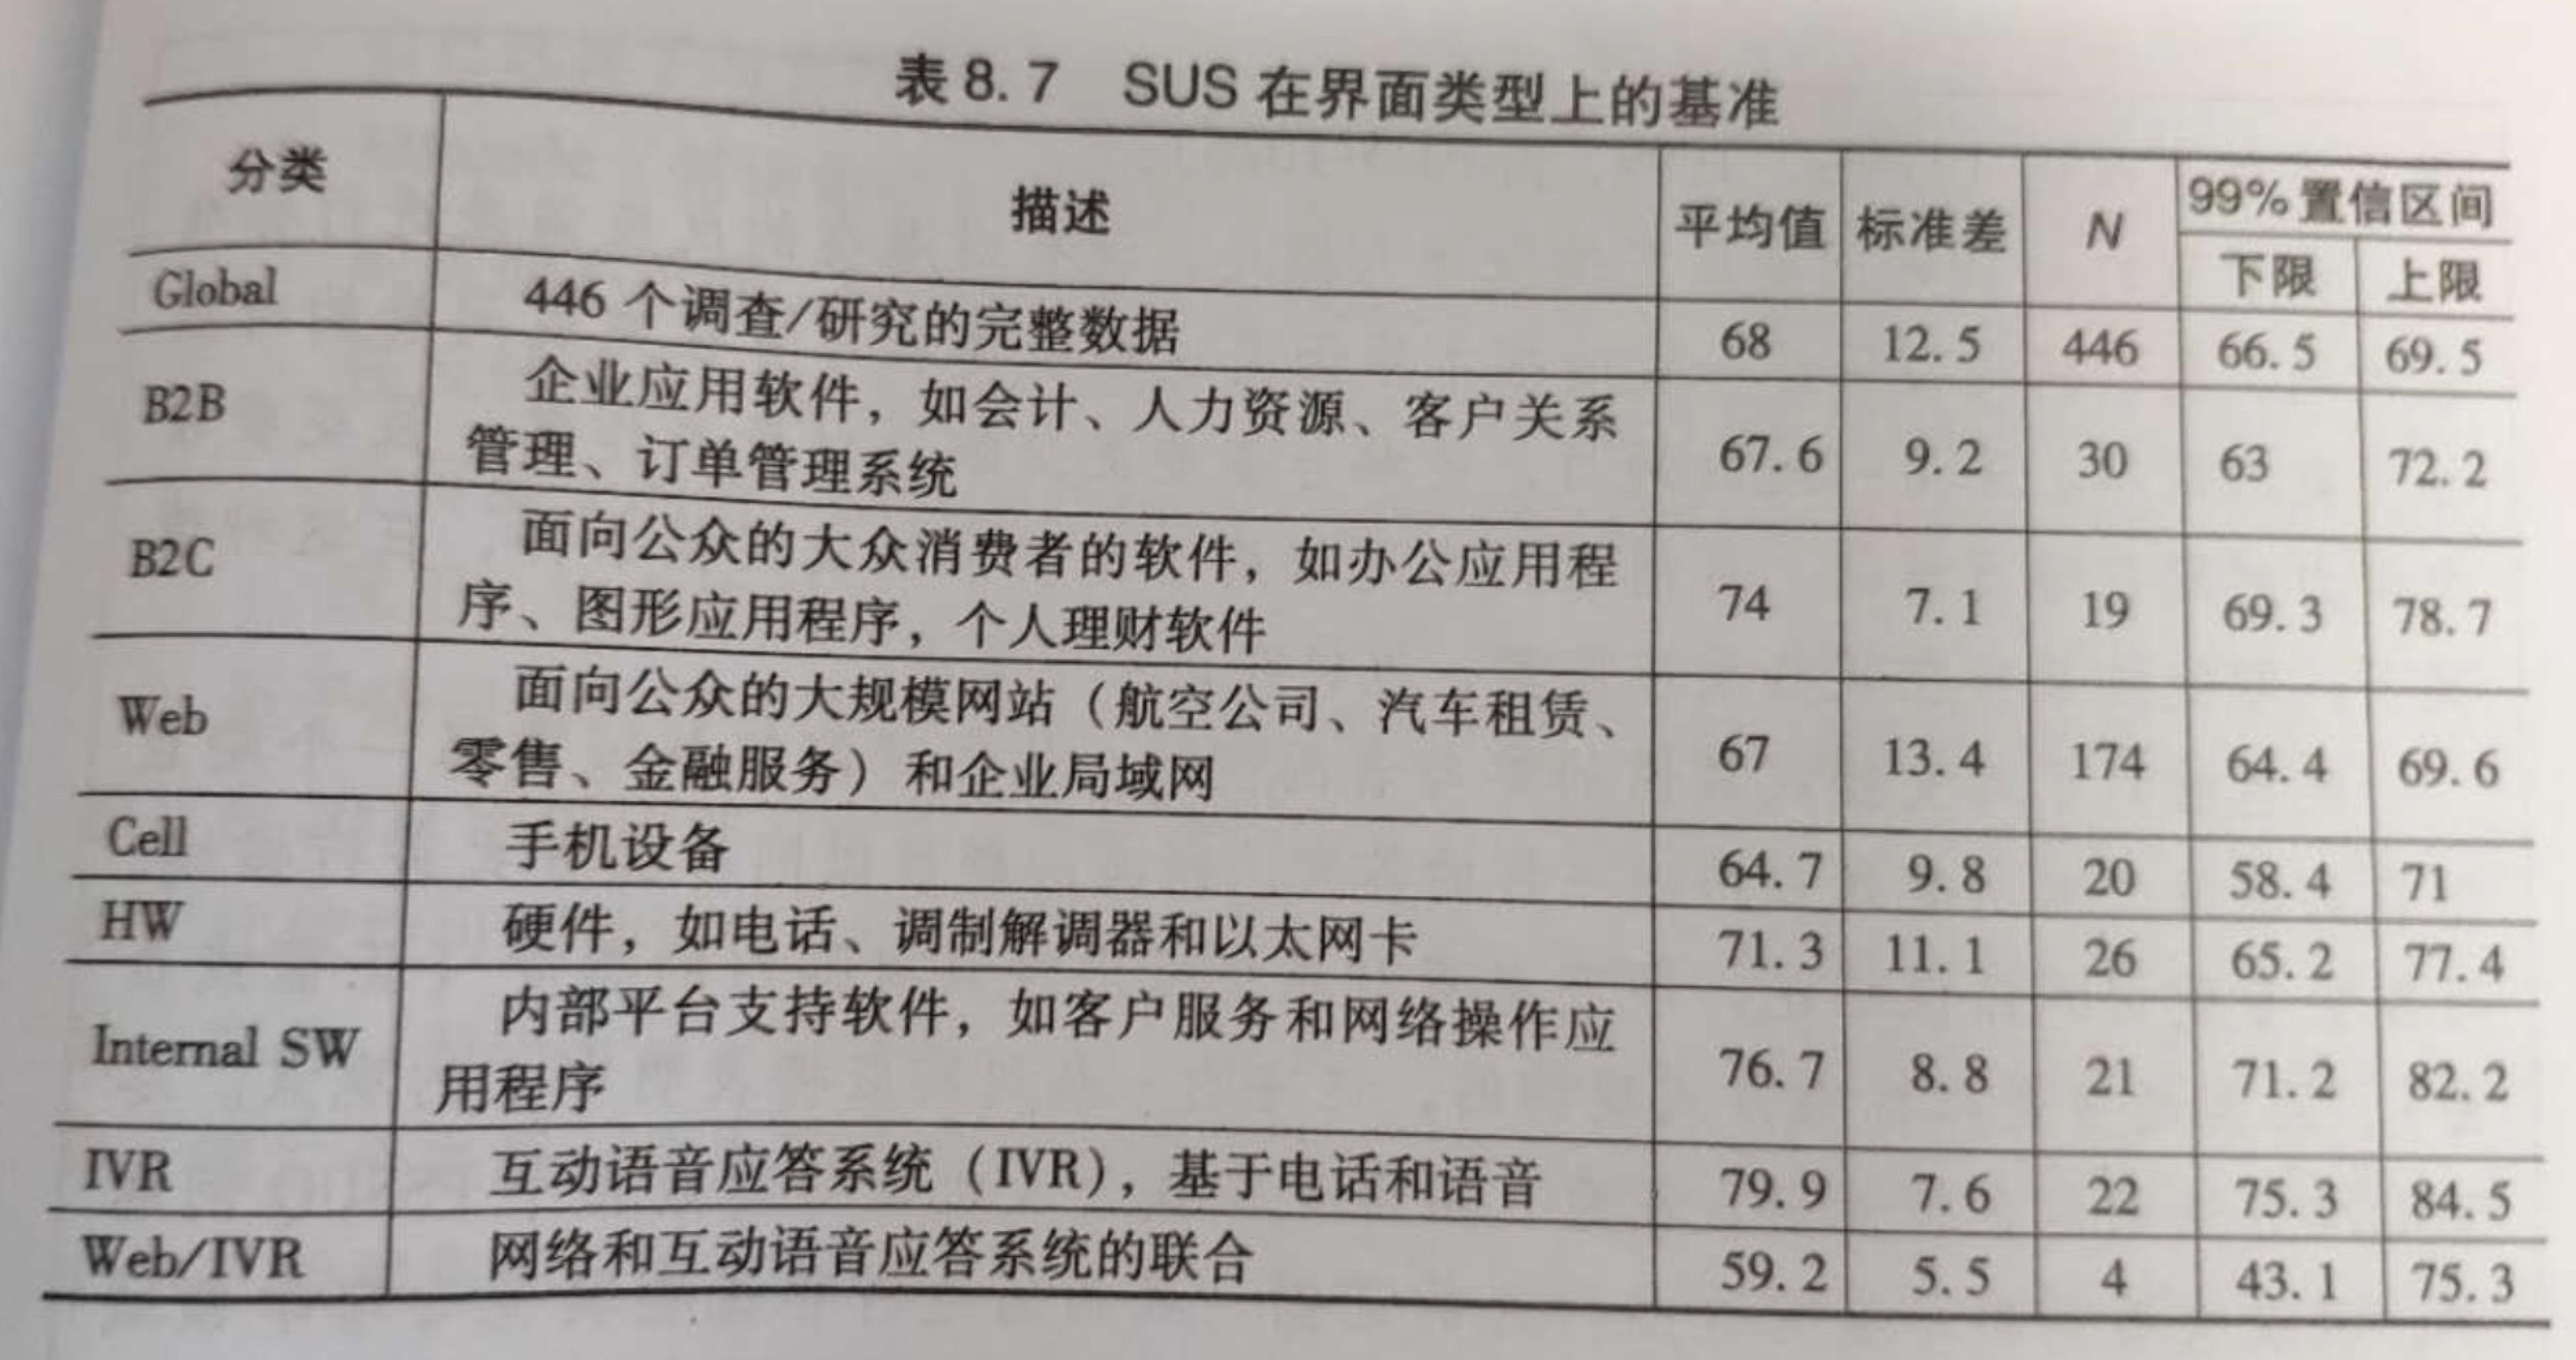 关于SUS可用性量表的分值体系思考插图6